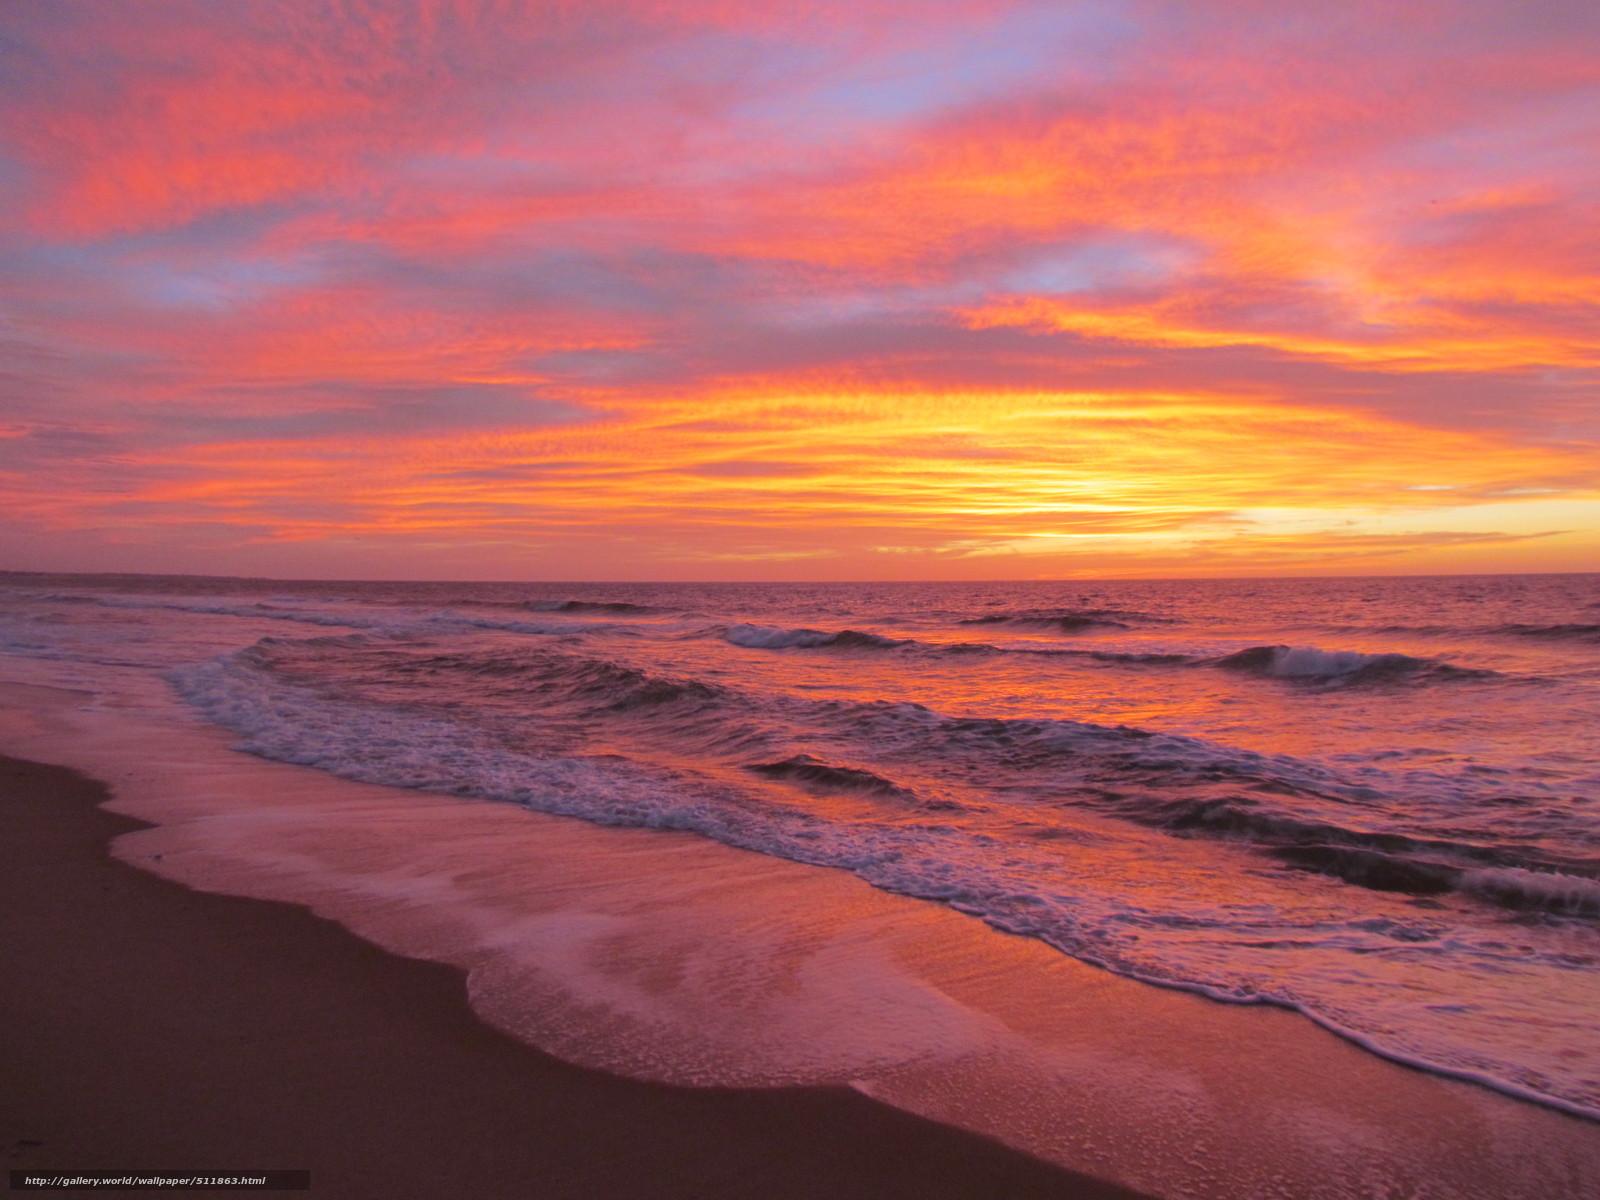 Tlcharger fond d 39 ecran plage coucher du soleil flots - Fond ecran coucher de soleil sur la mer ...